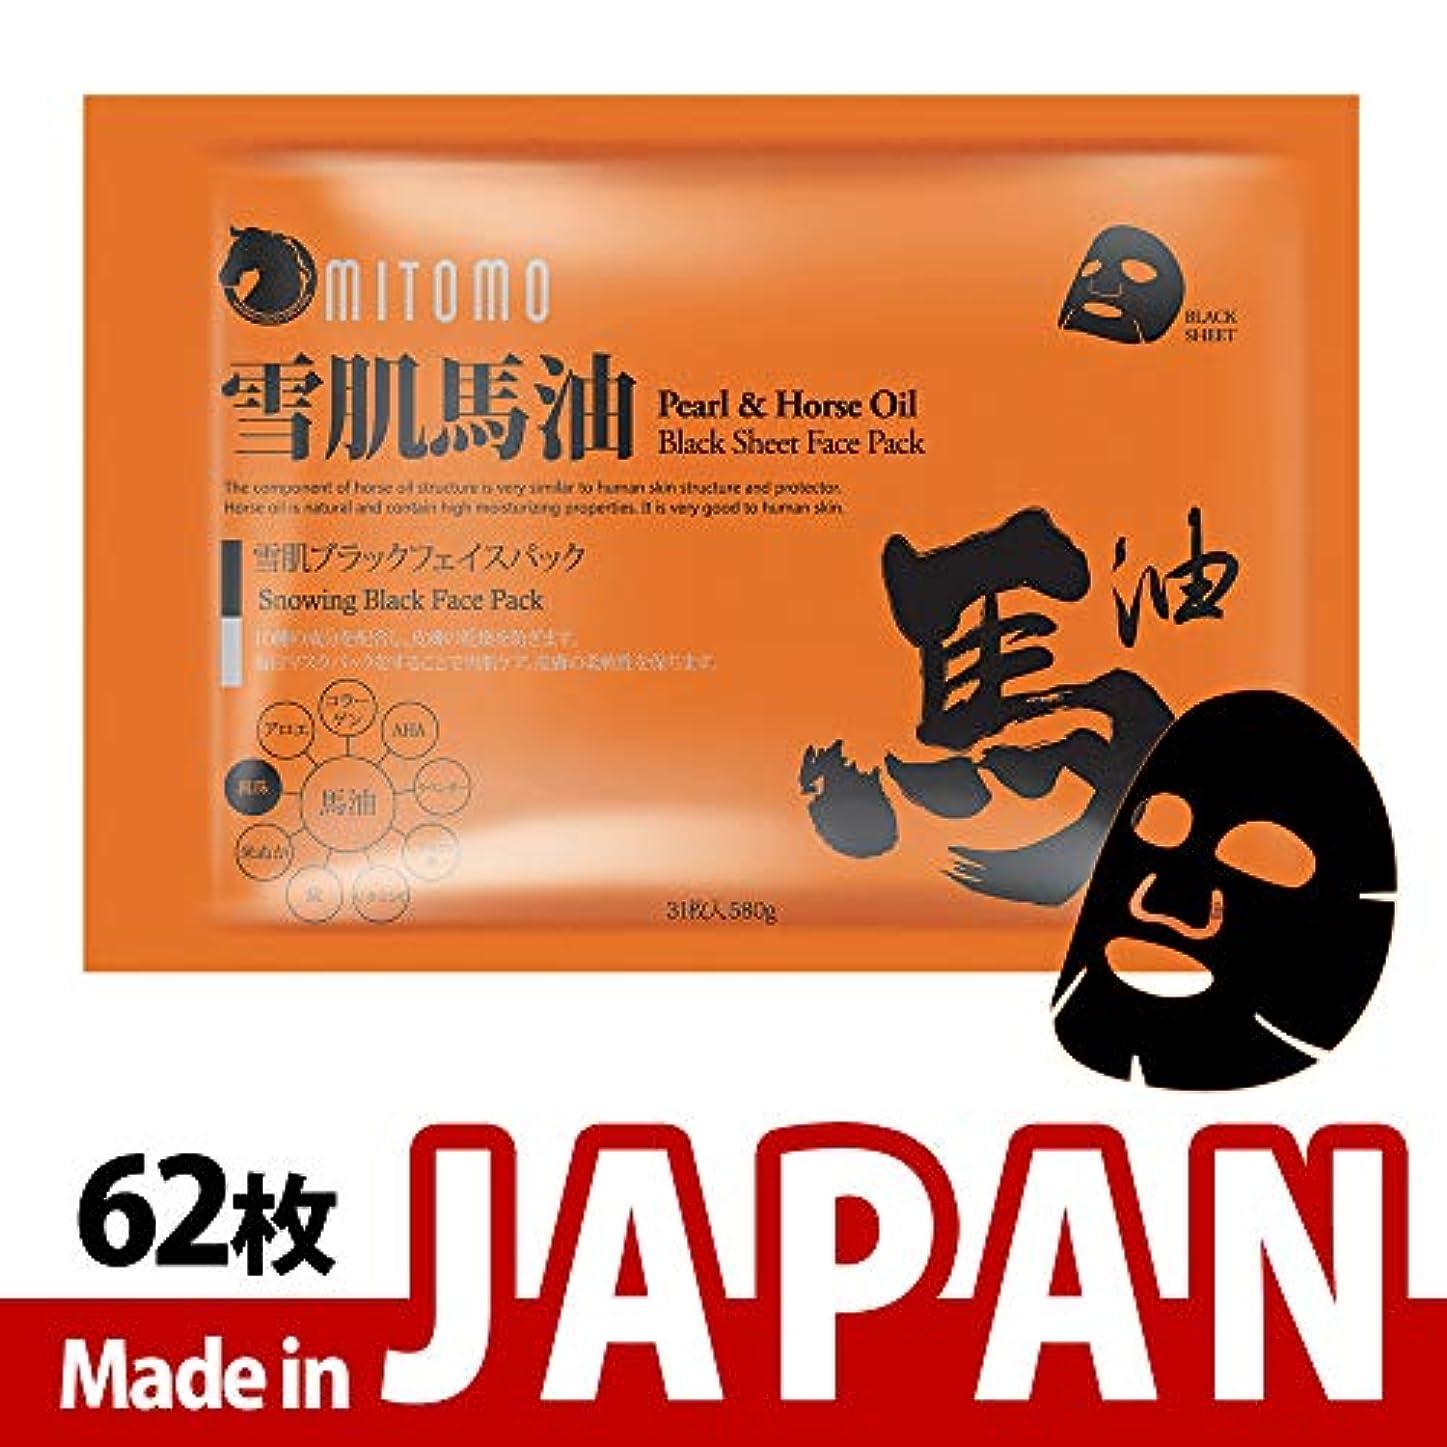 ピンミリメートル花束MITOMO【MC740-C-1】日本製シートマスク/31枚入り/62枚/美容液/マスクパック/送料無料